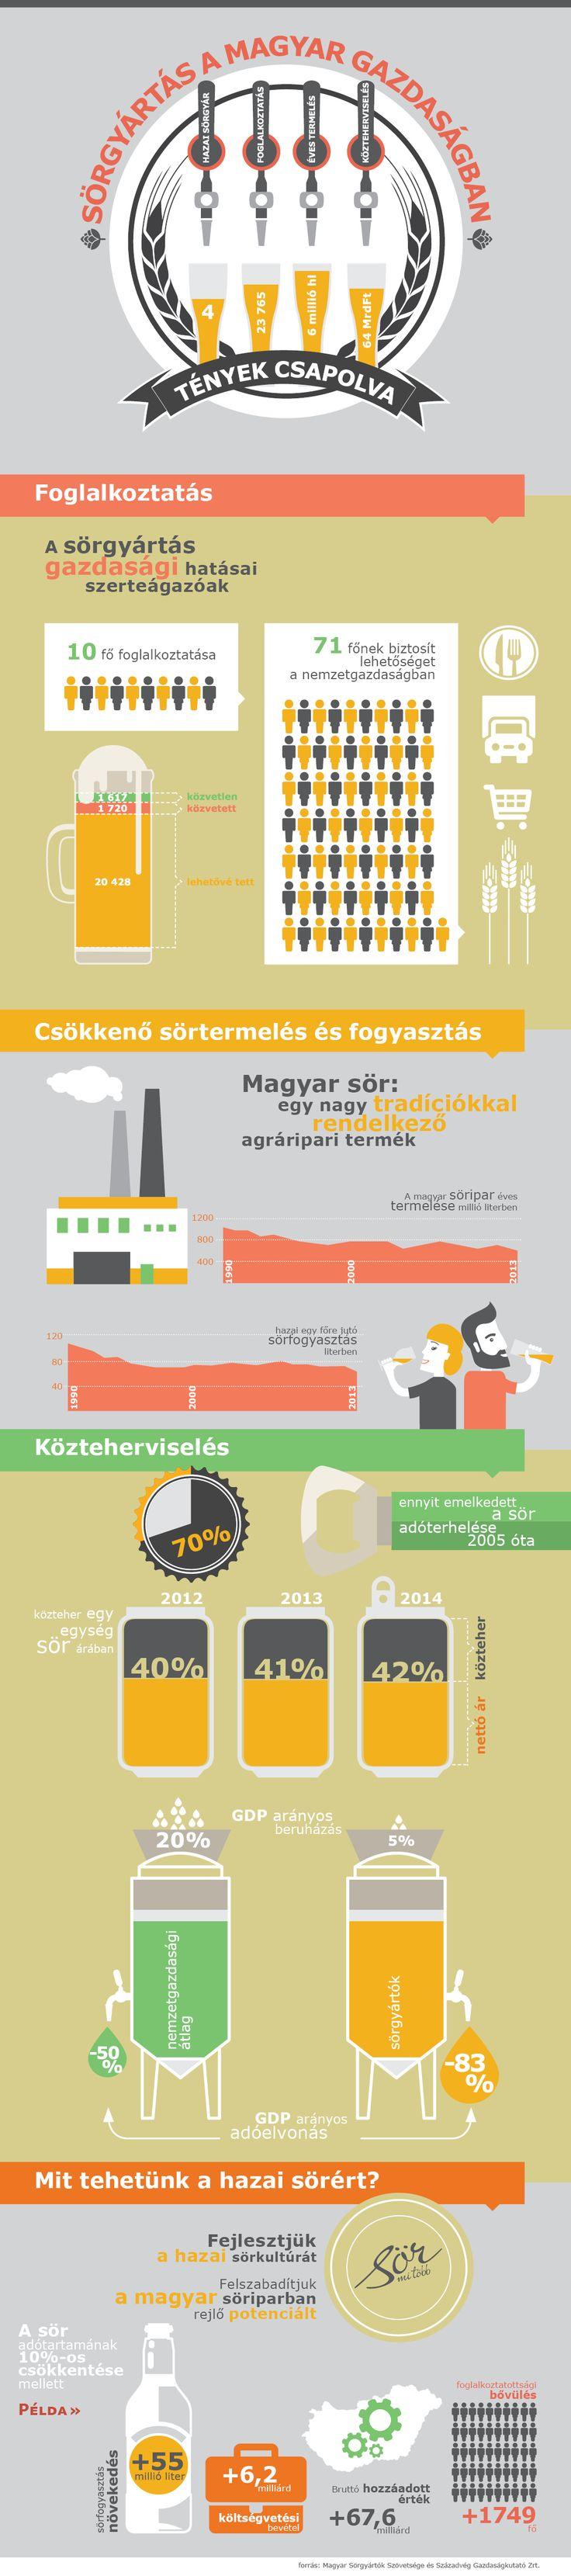 Magyar Sörgyártók Szövetsége - Infografika